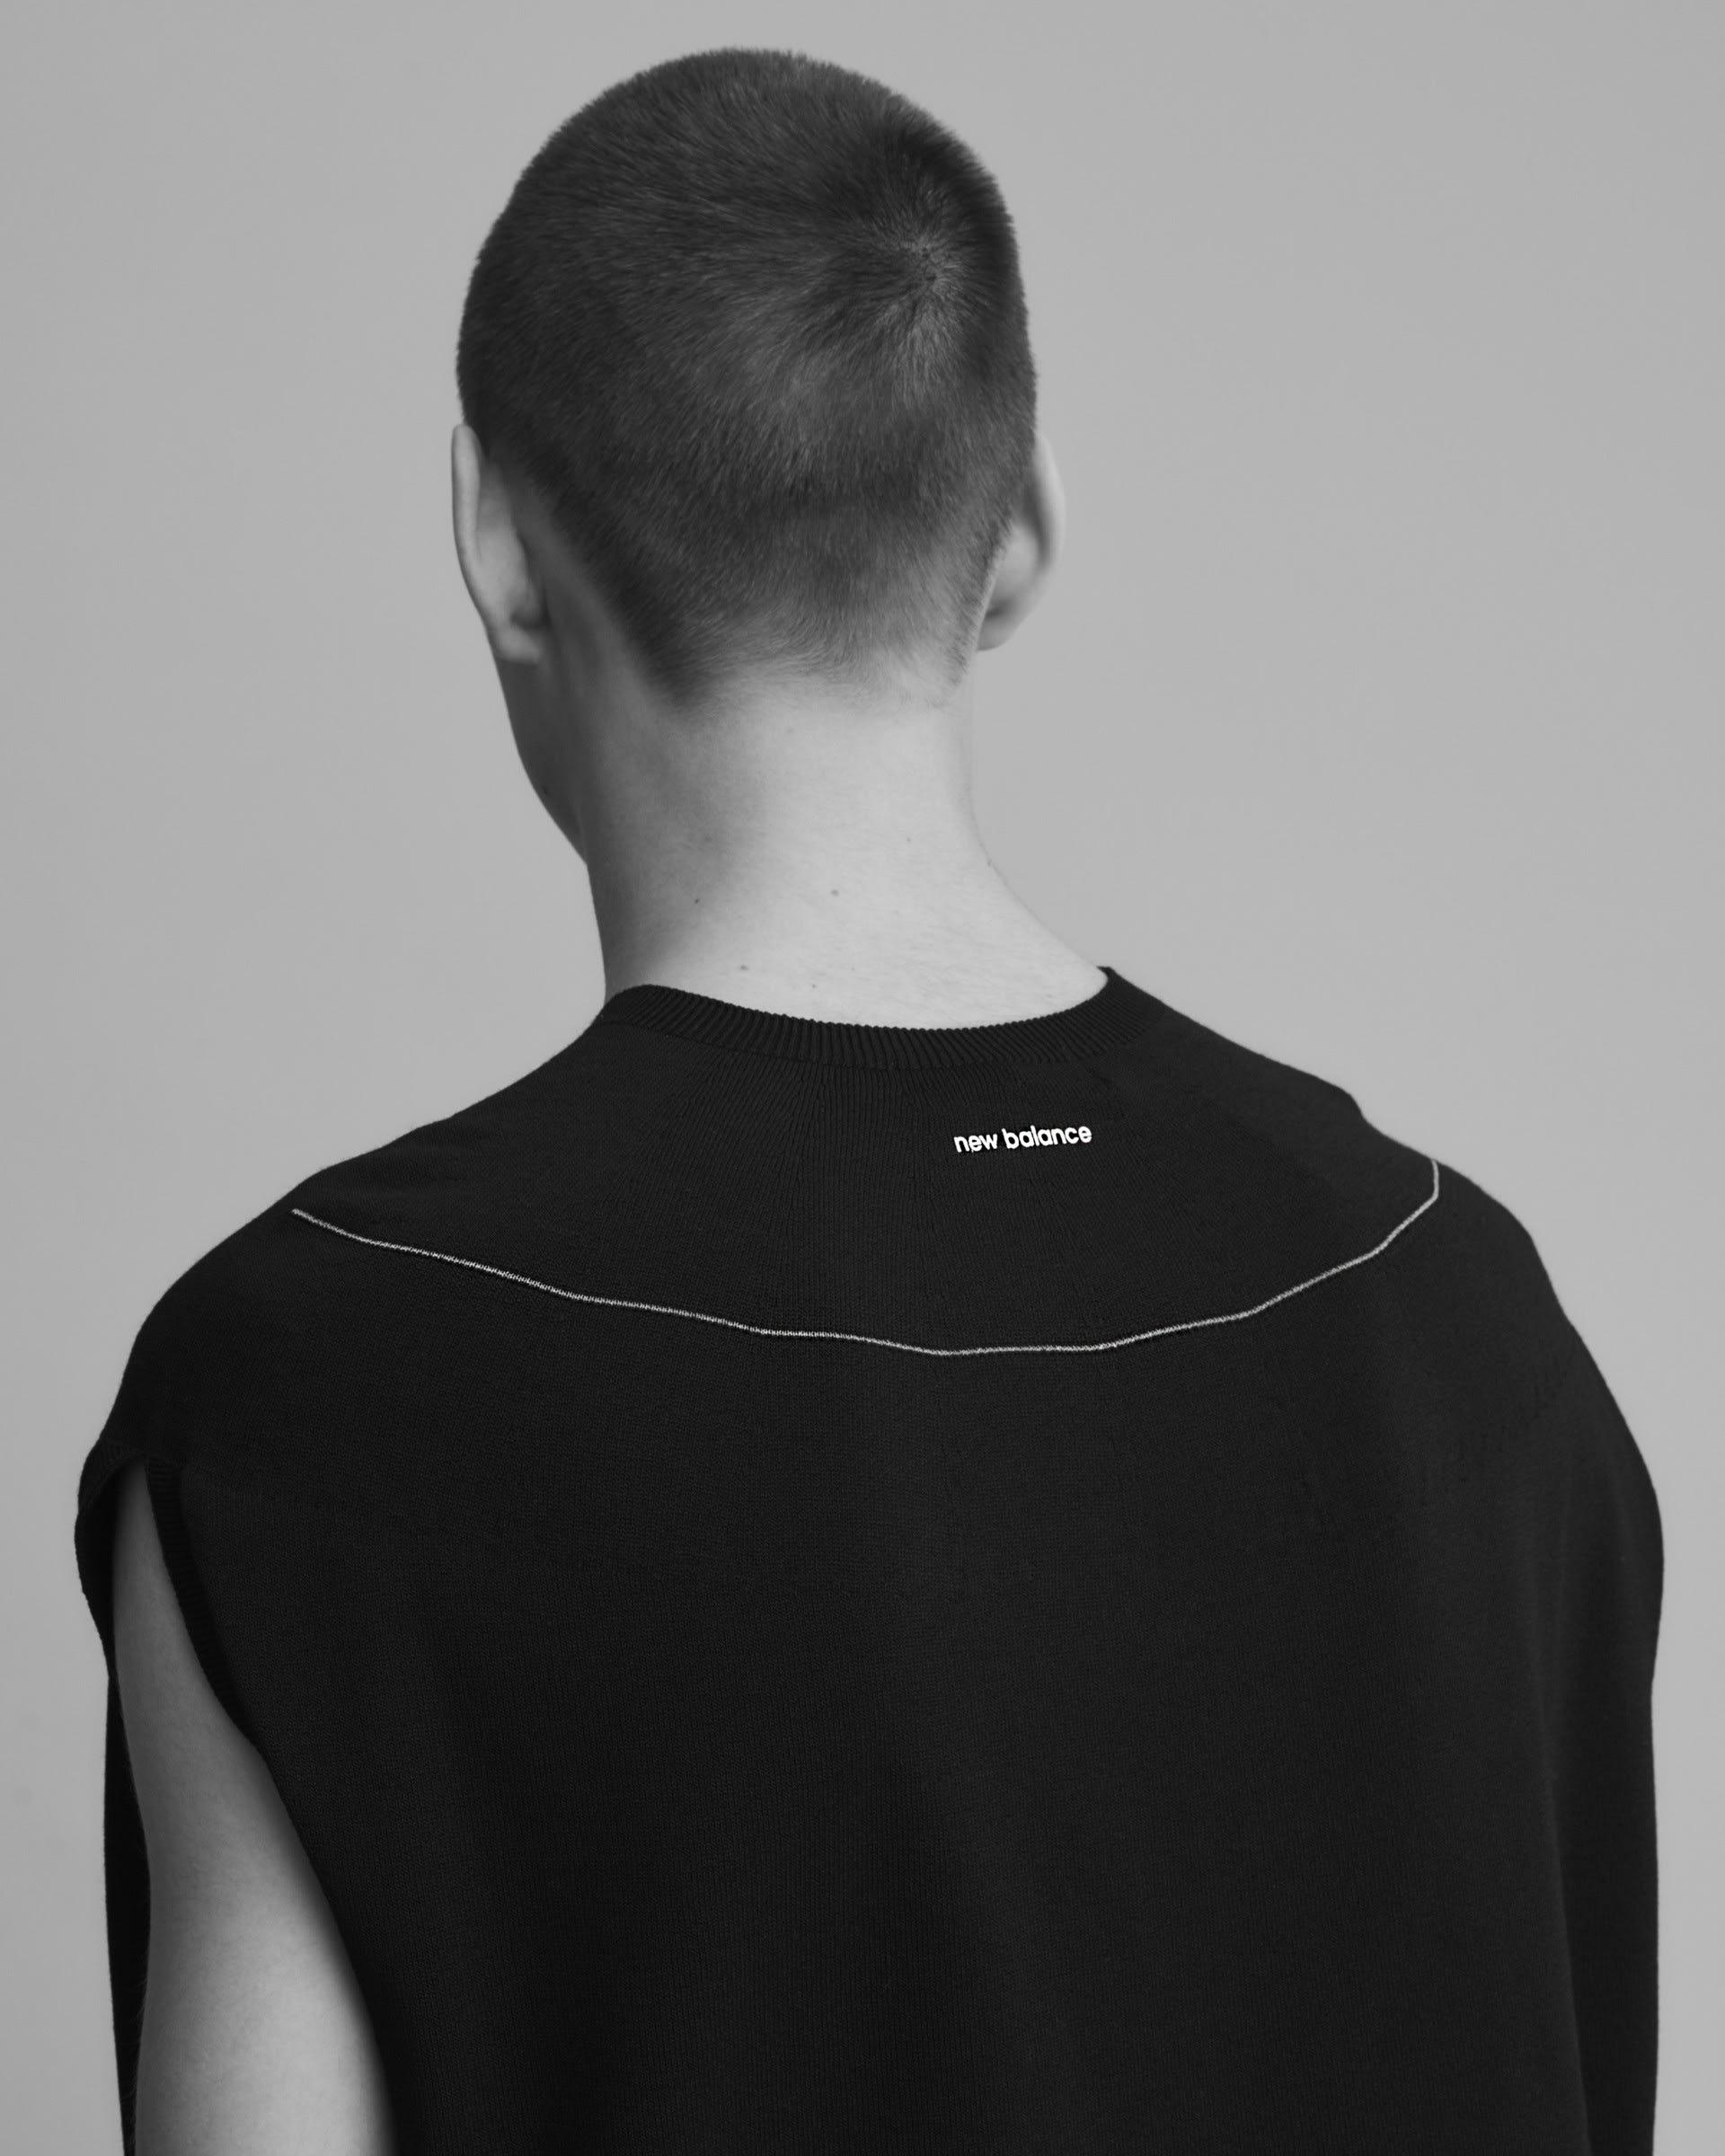 オーラリー×東京デザインスタジオ ニューバランスのカプセルコレクション